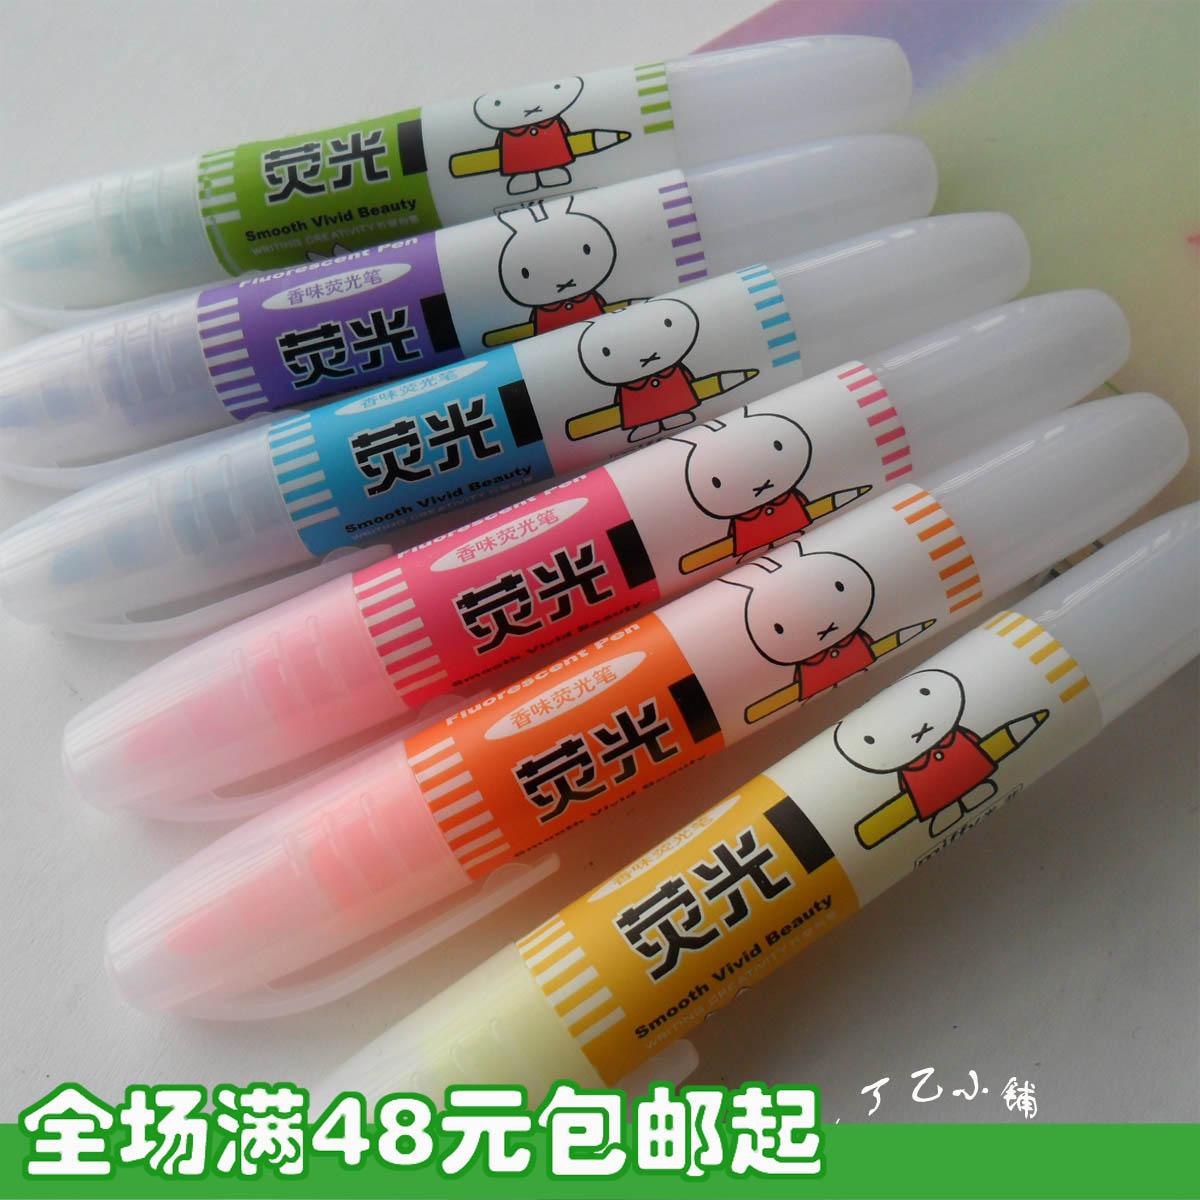 0晨光米菲香味彩色荧光笔 可爱标记笔 卡通大容量记号笔MF-5301